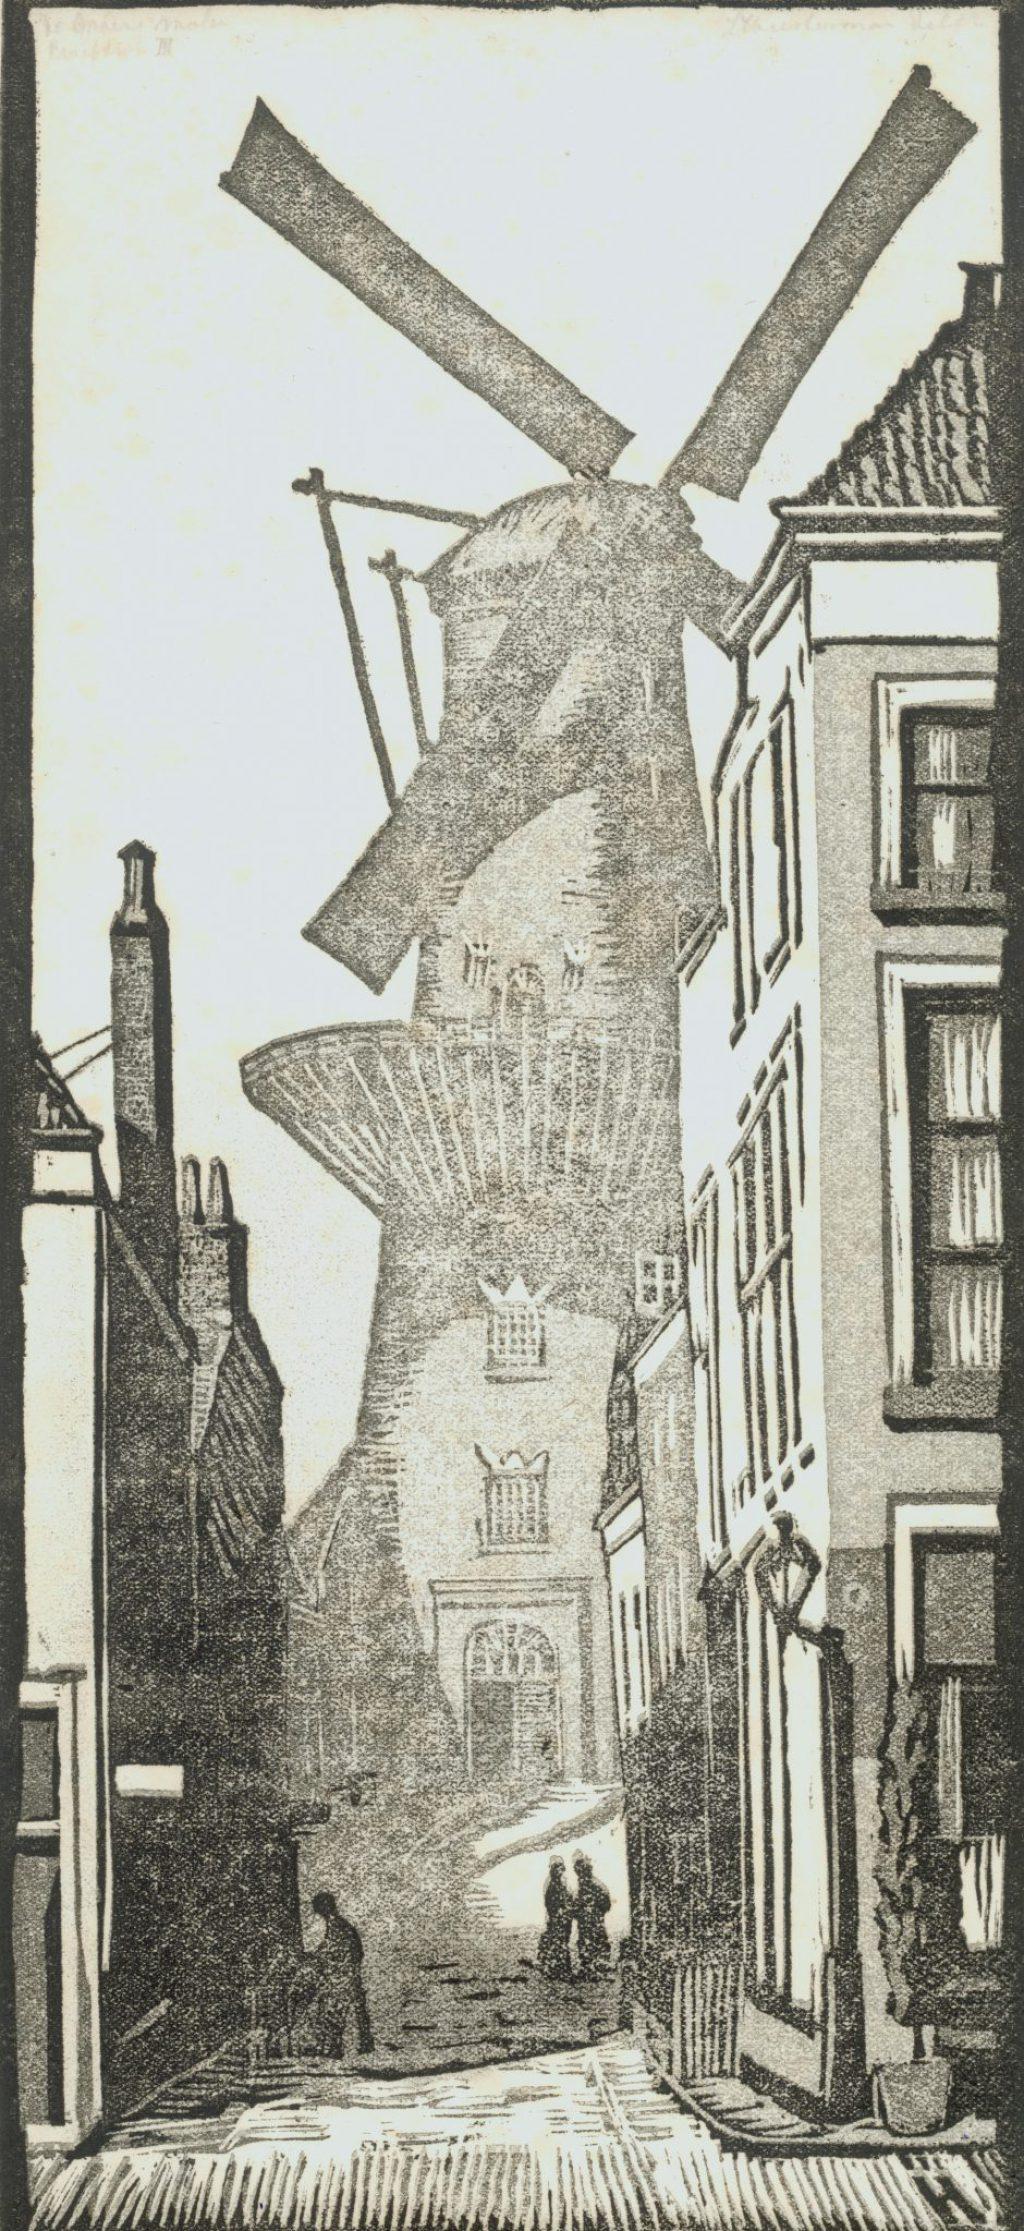 Jan Heesterman, Diverse afdrukken van eenzelfde linosnede van de Groenmolen, 1920 (TMS 68224)